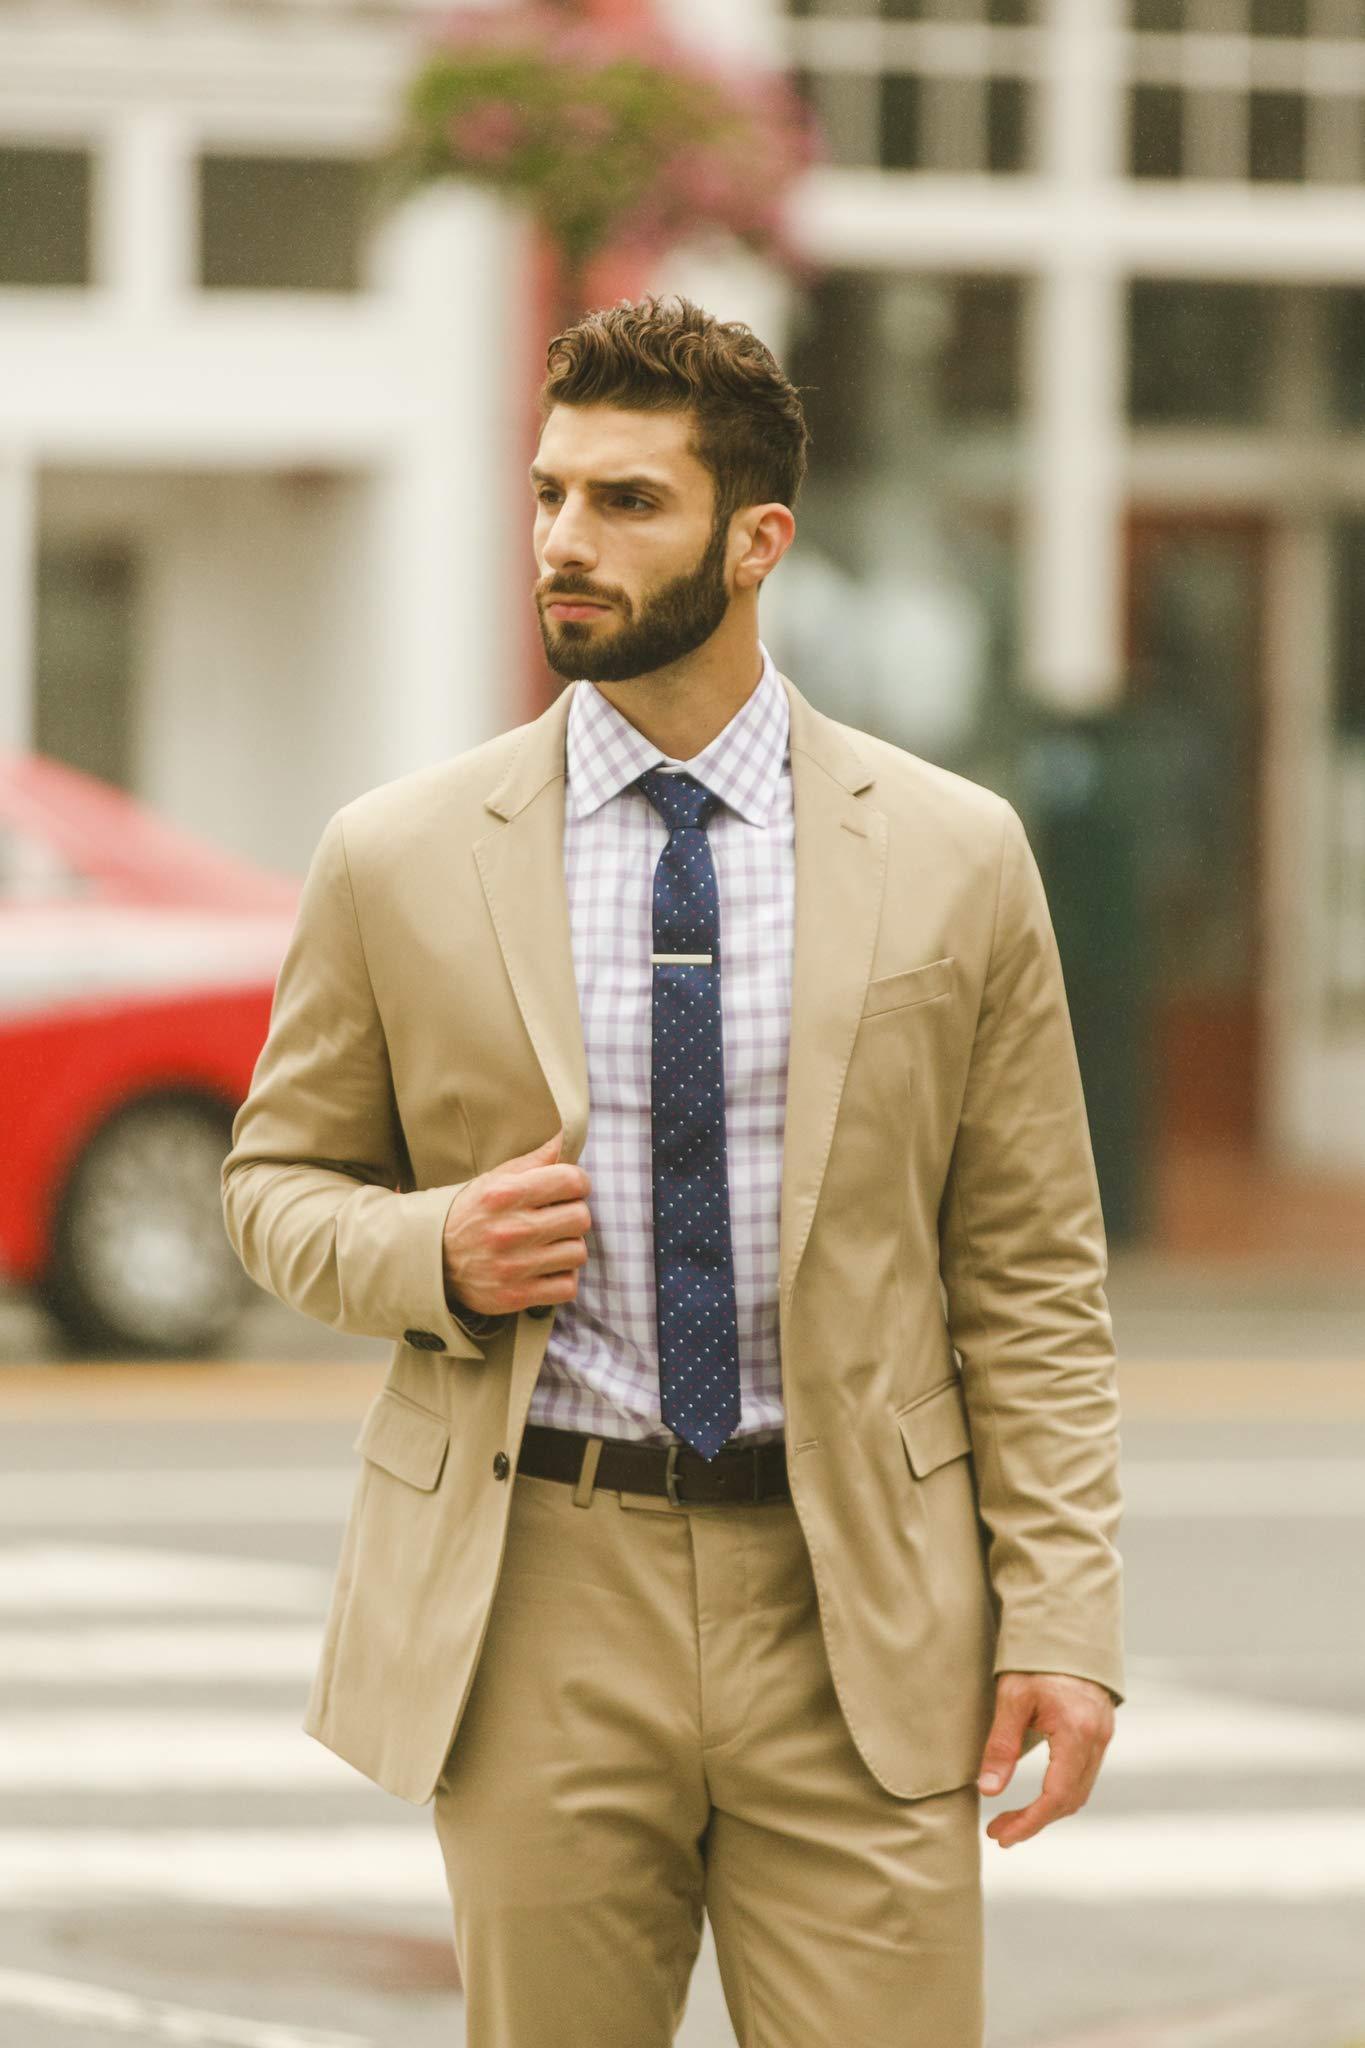 Cueva Bar 4.13 cm Tie Clip, Suiting Tie Clip, Great Gift for Men, Classic Style, Office Look, Wedding Business Necktie Clip, Silver Steel, Unique Design, Everyday Wear, Fashion Necktie Clip by Cueva (Image #8)